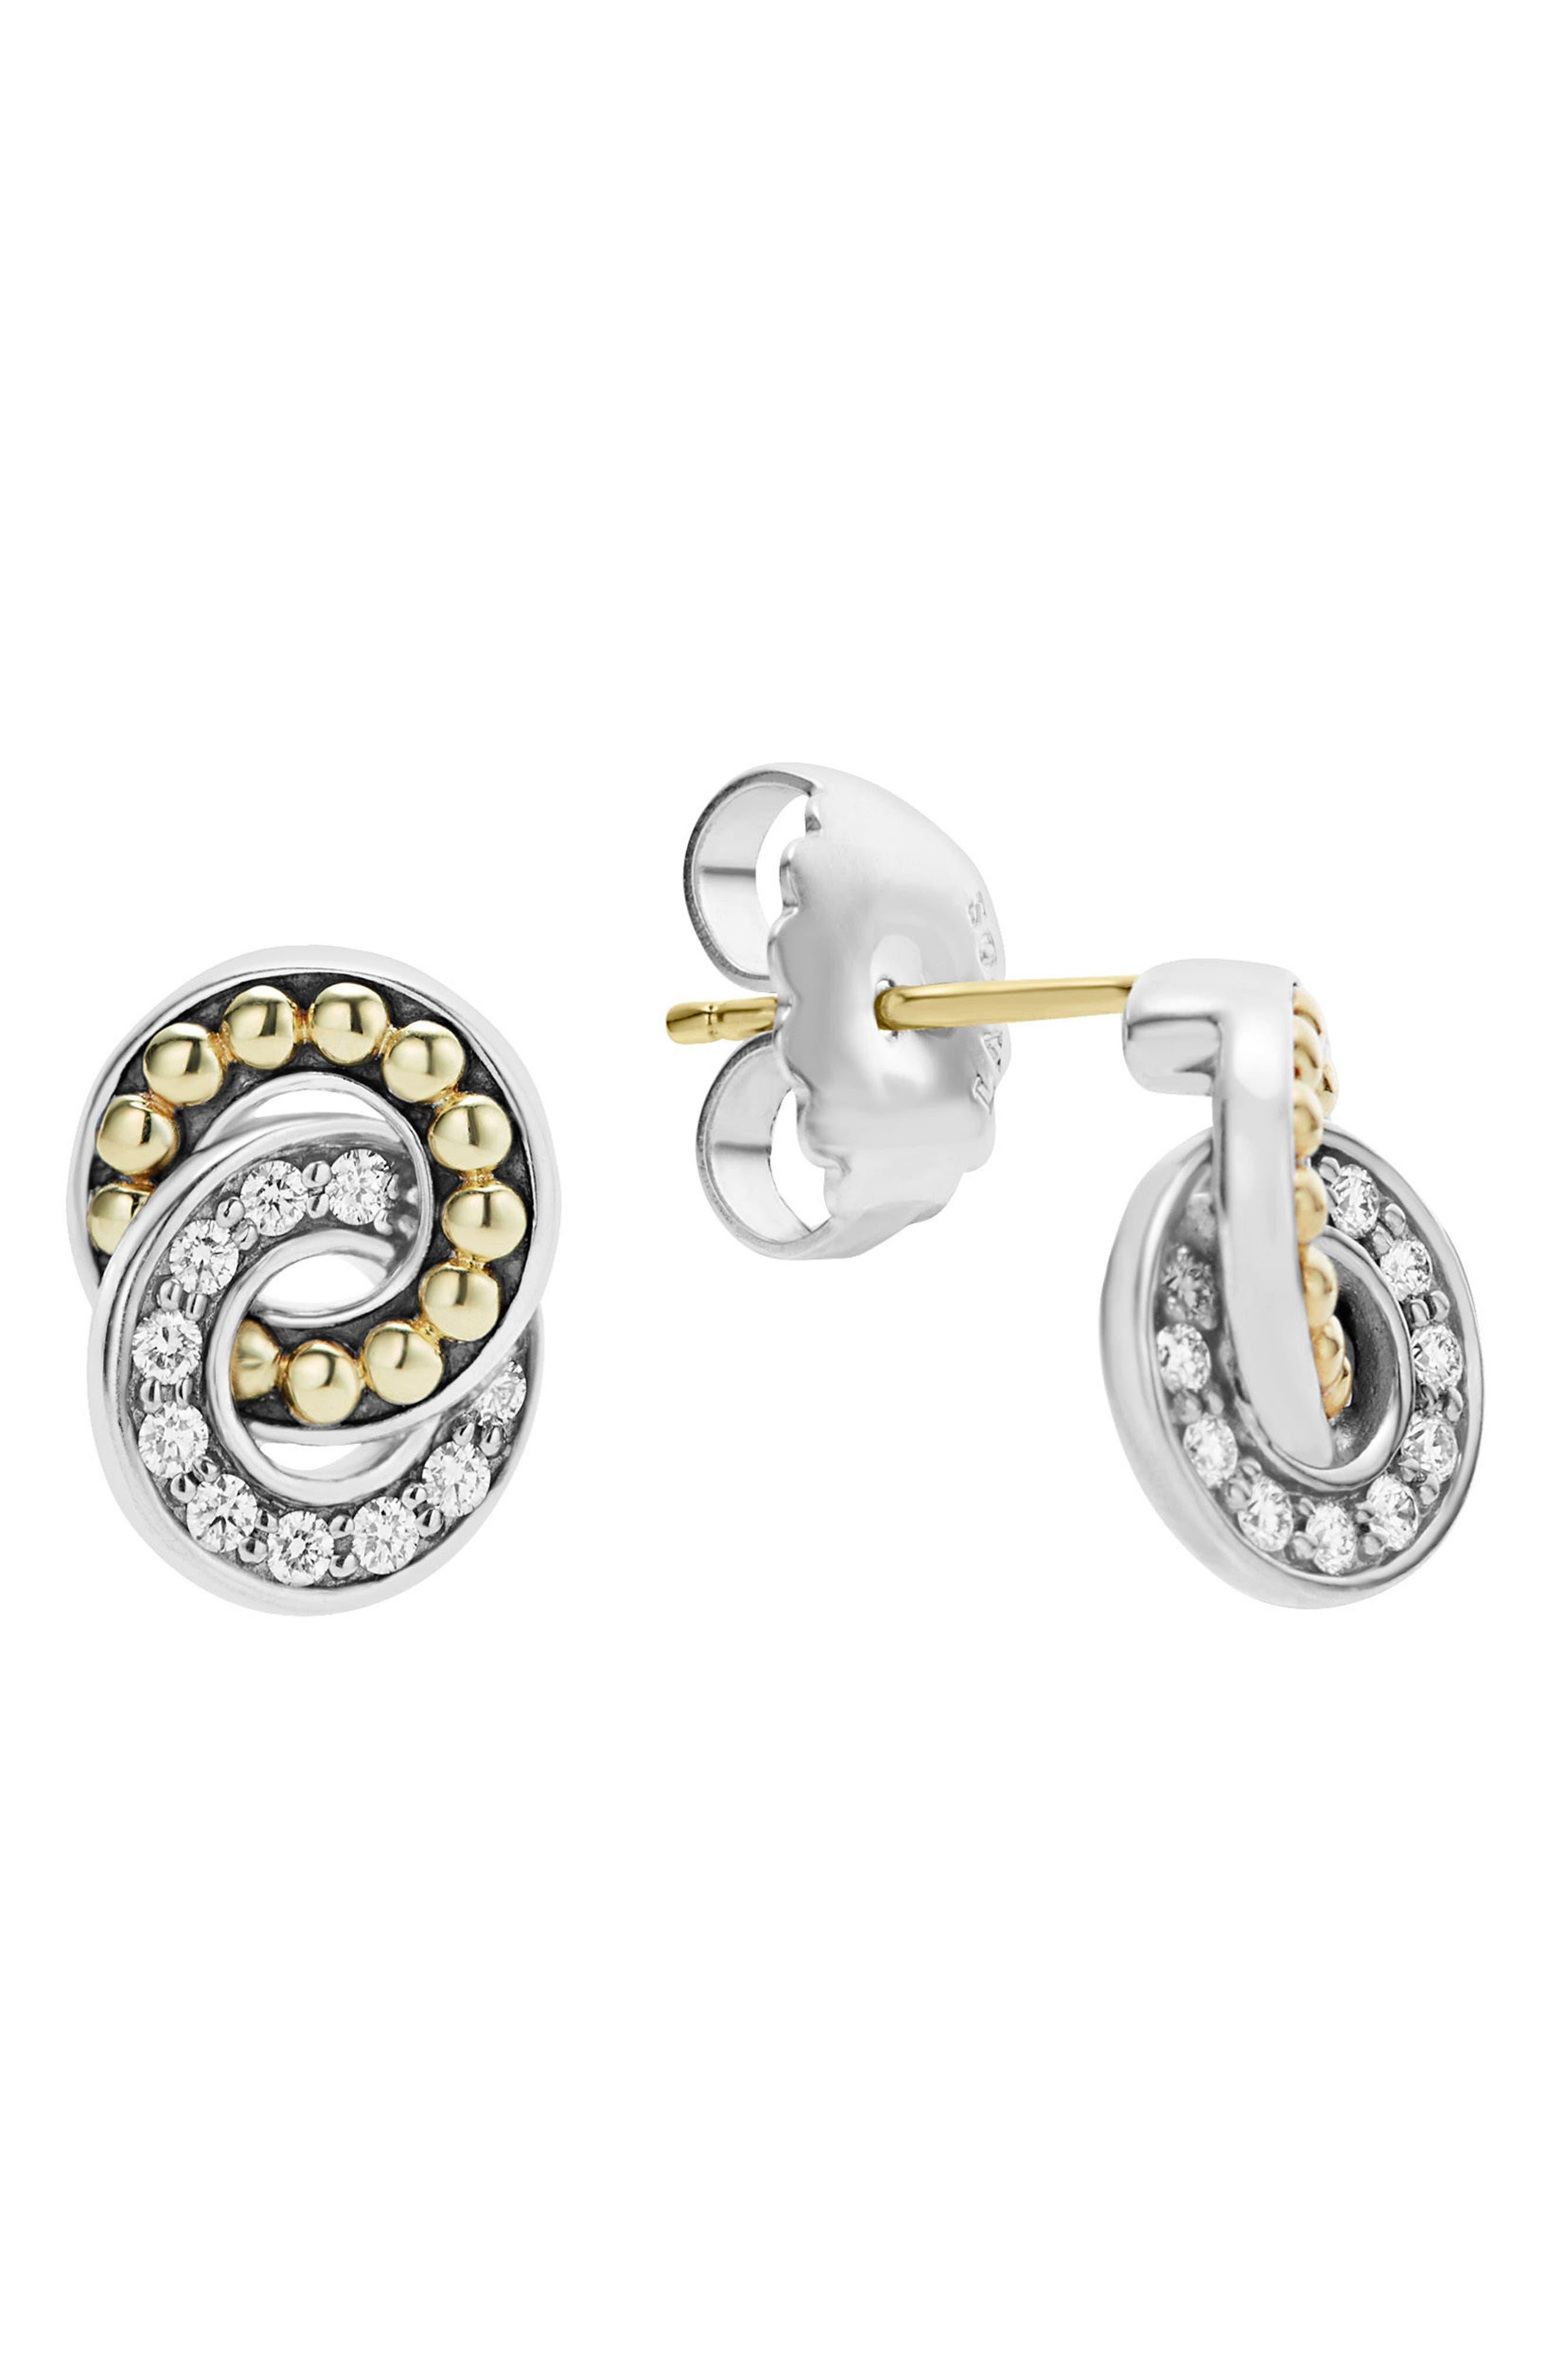 Enso Diamond Stud Earrings,                             Main thumbnail 1, color,                             Silver